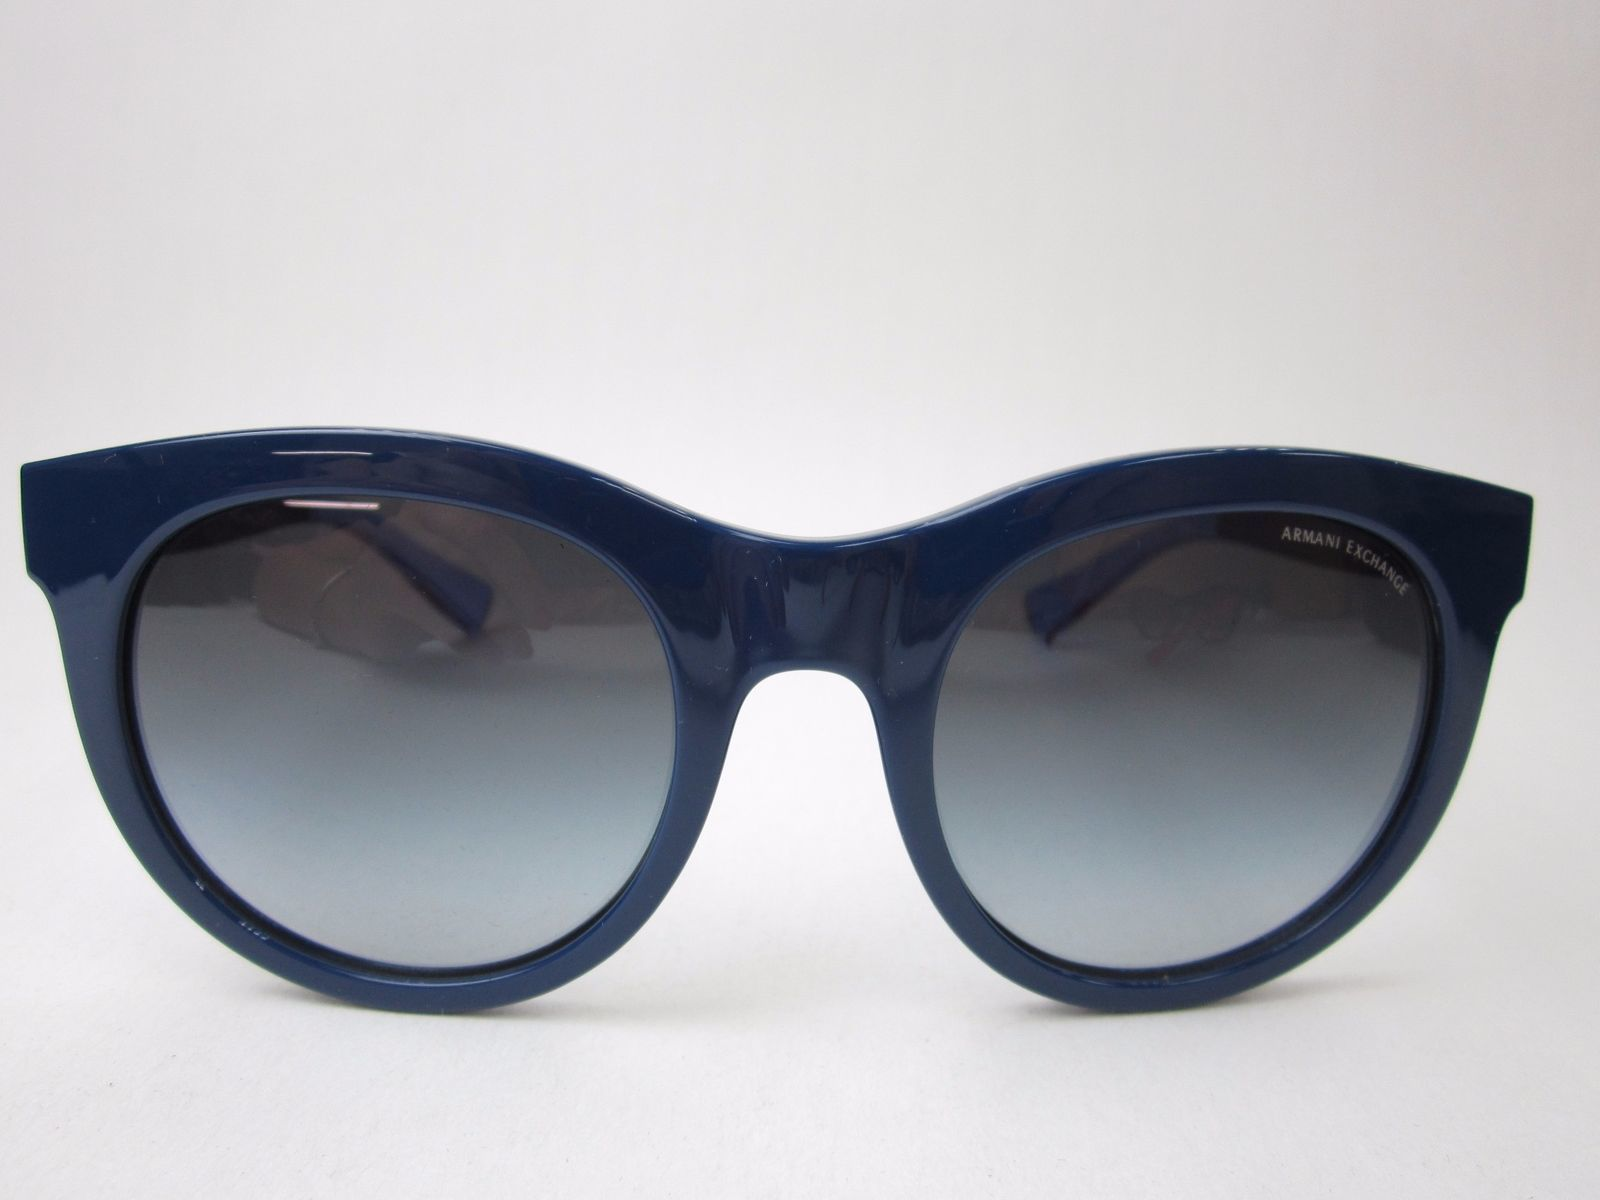 e19ae268378d Armani Exchange AX4053S 81928G Women Sunglasses 51 21 140 w Case  TND347